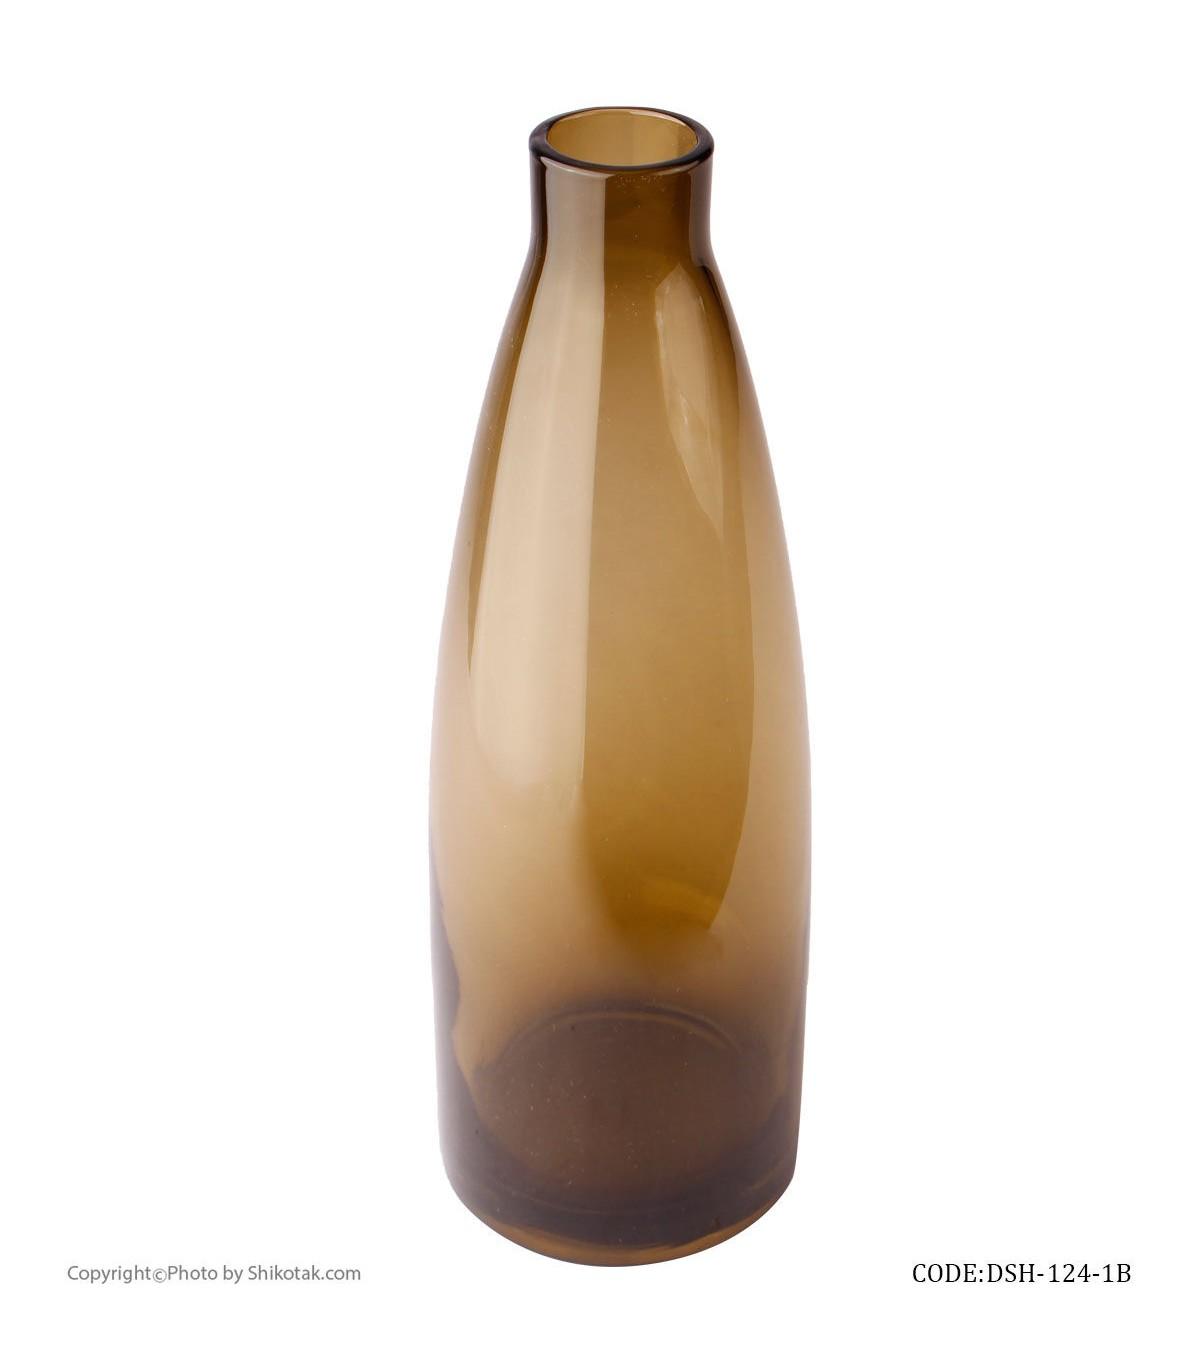 مدل گلدان شیشه ای رومیزی طرح بطری بژ